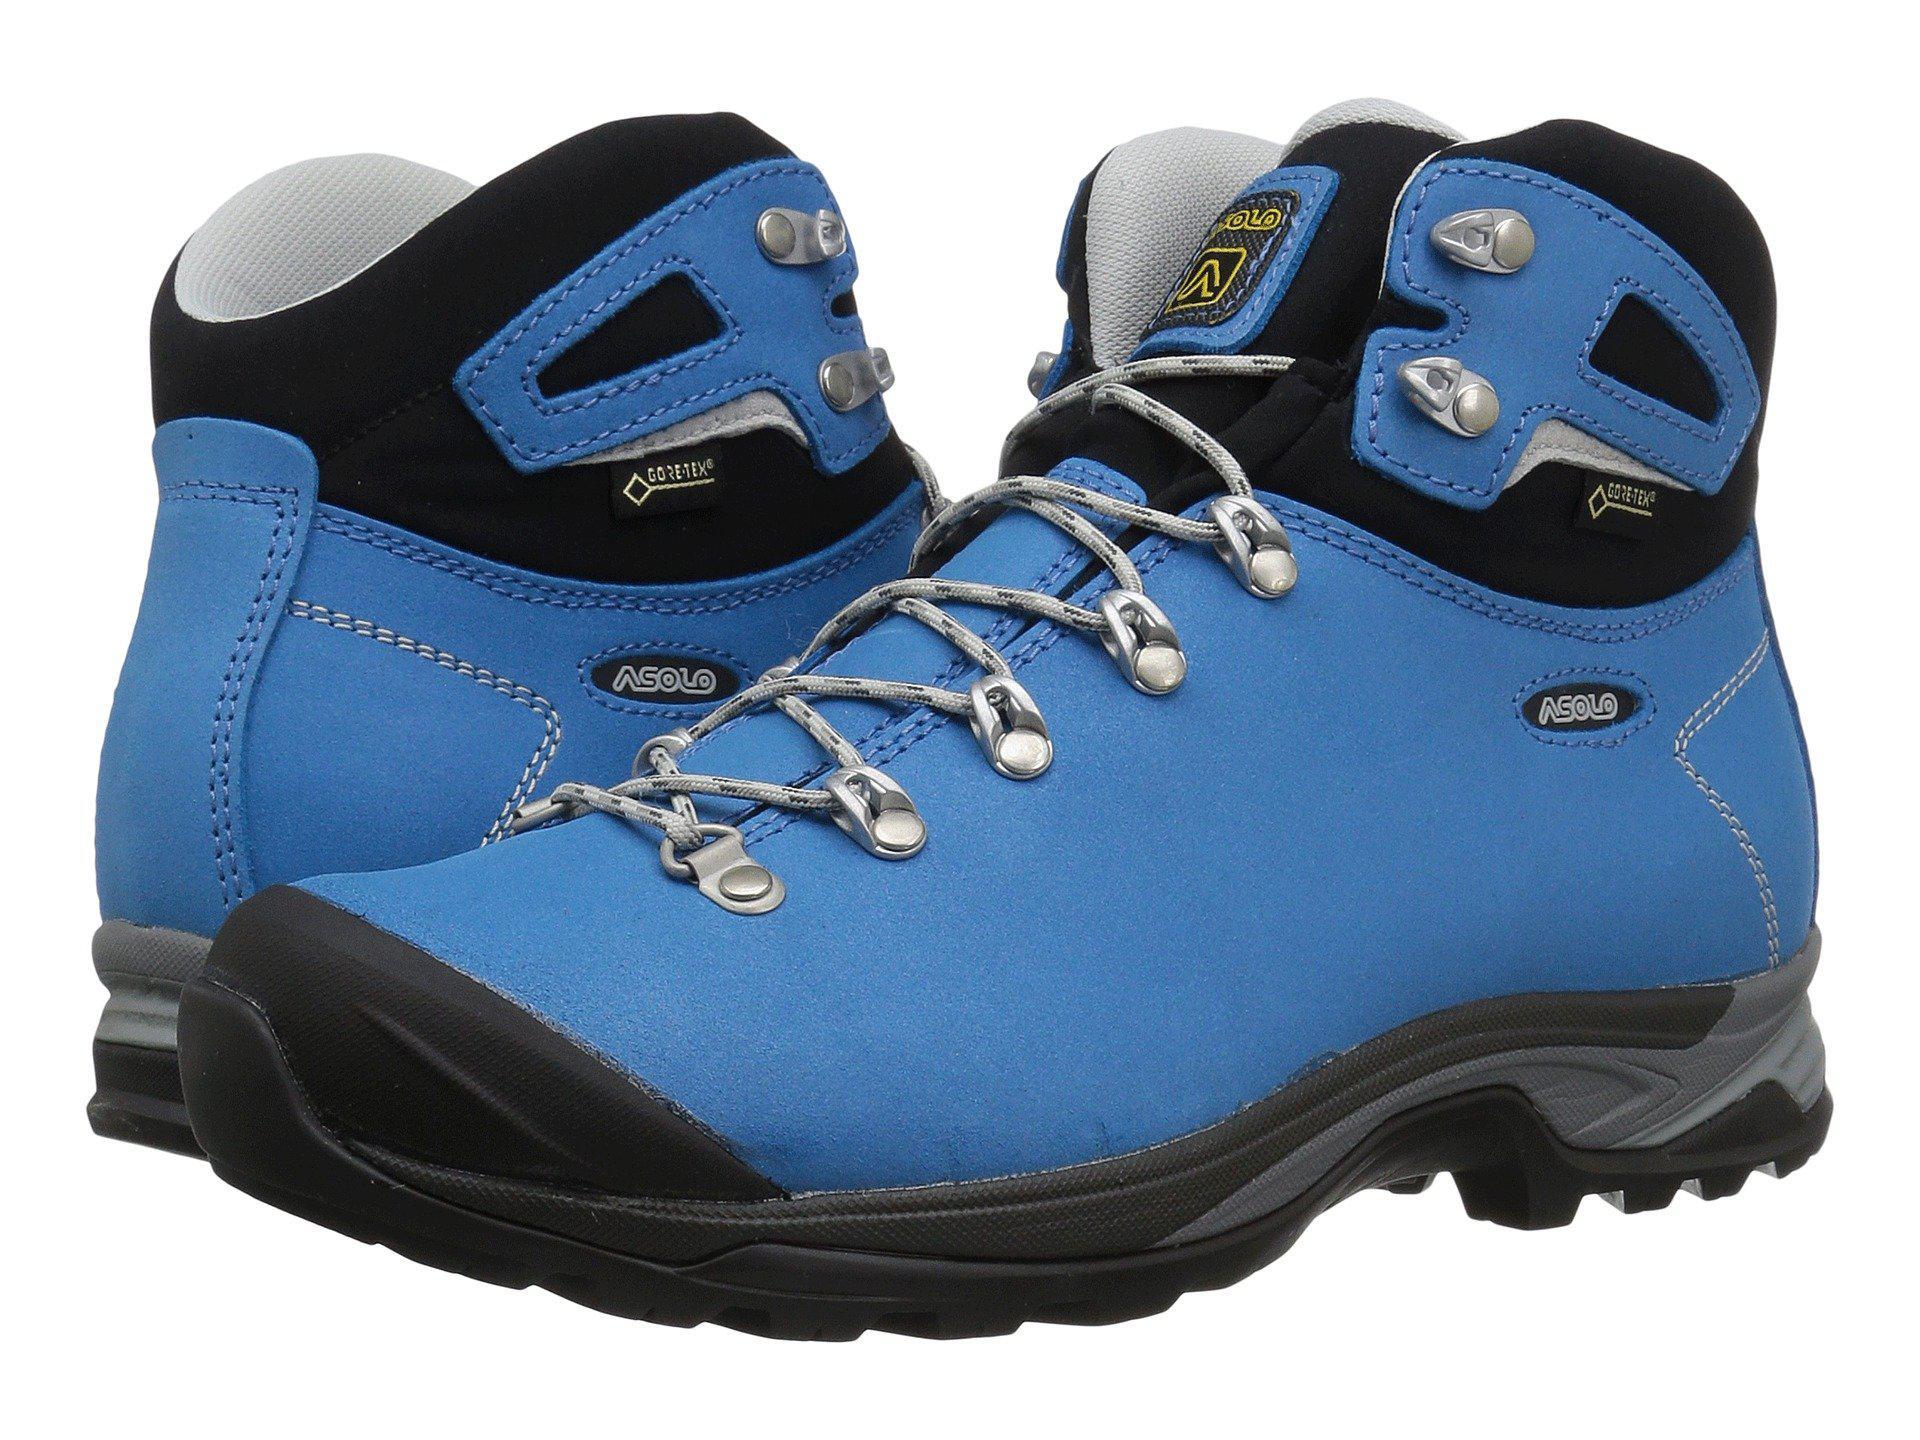 Lyst Asolo Thyrus Thyrus Asolo Gv (Marrone Sugar nero) Donna scarpe in blu  792f9d 7aaaa9e6102